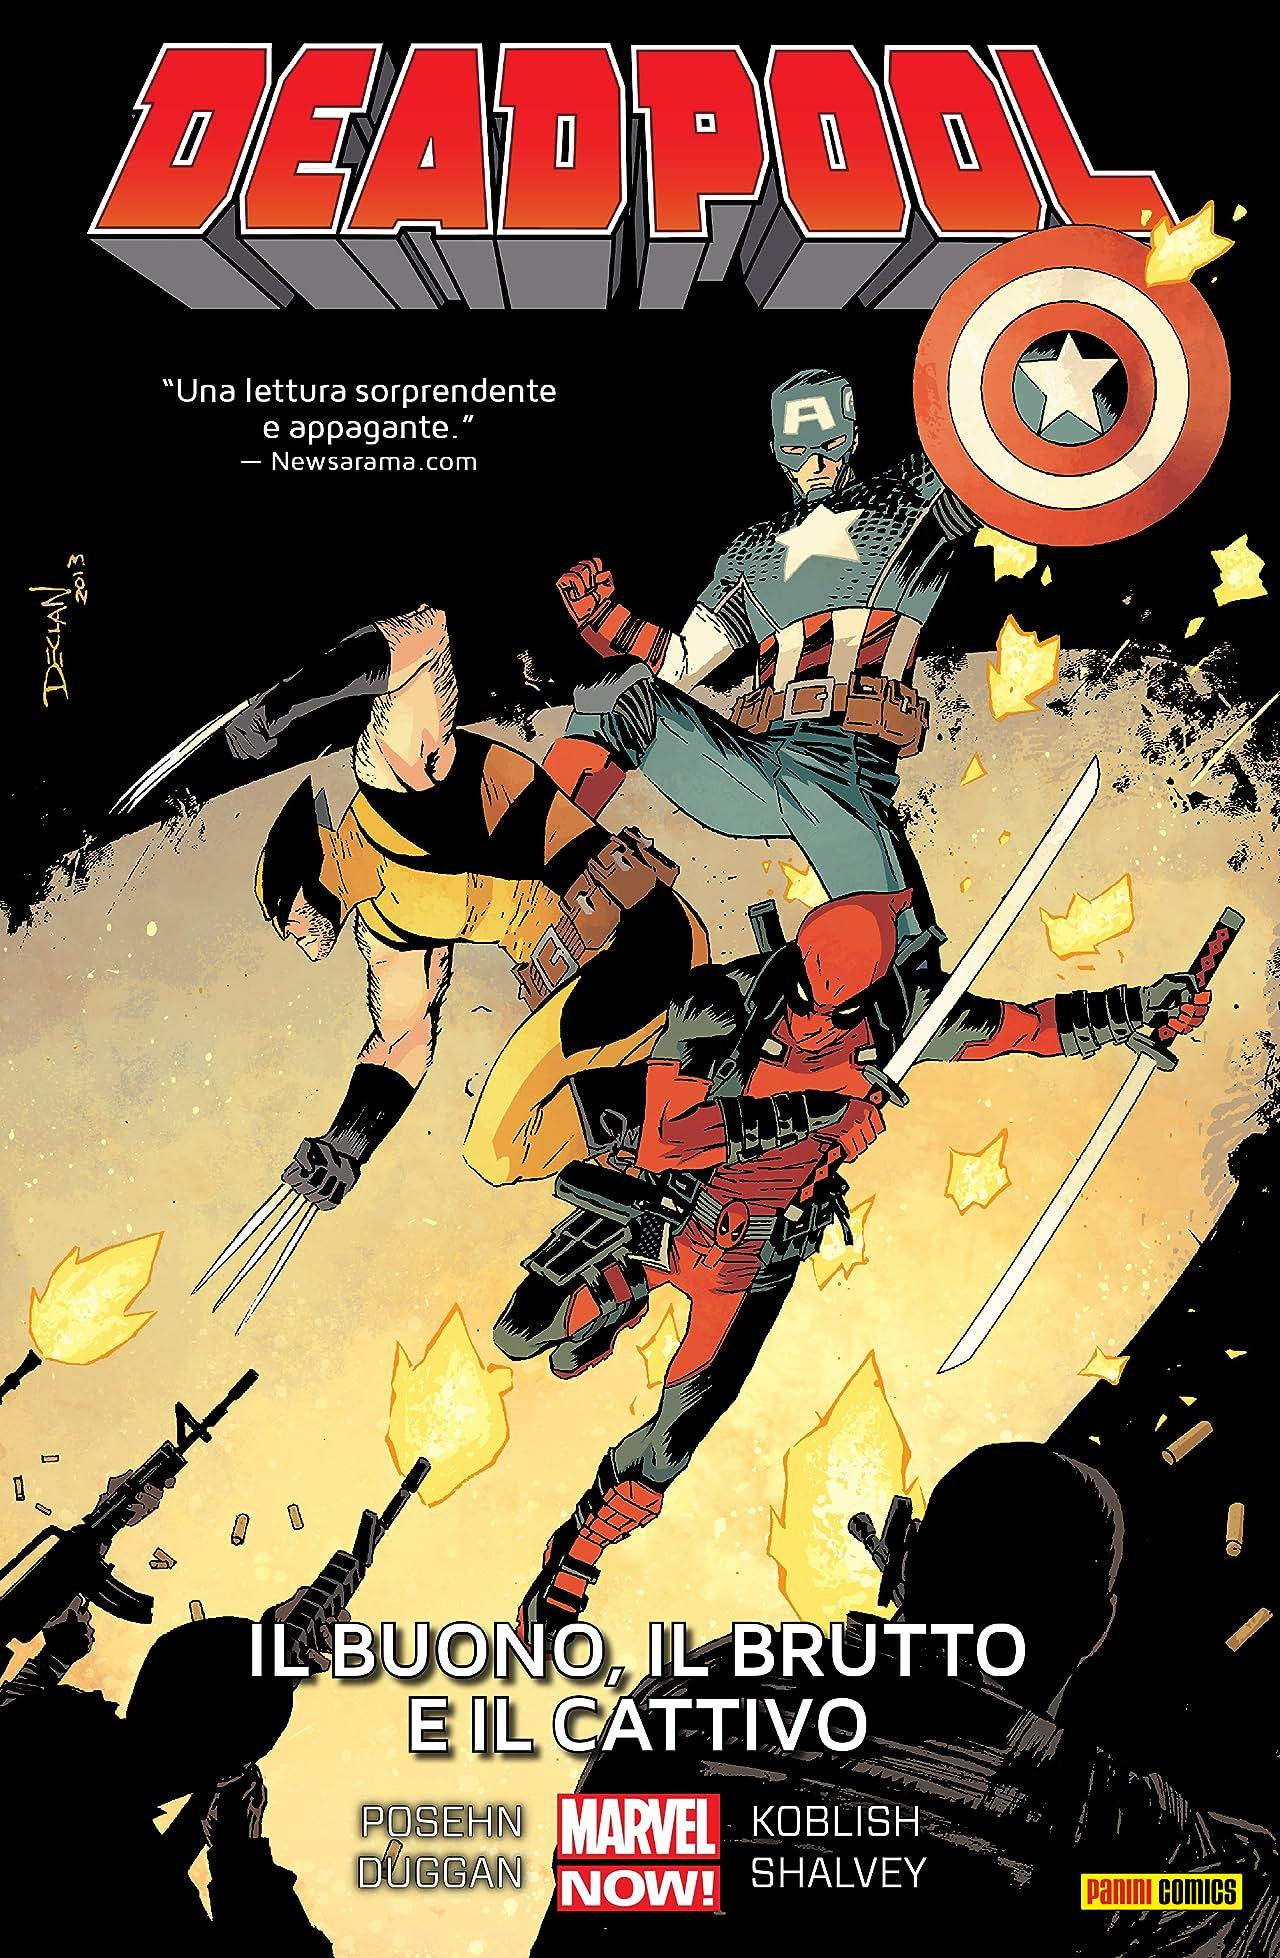 Deadpool Vol. 3: Il Buono, Il Brutto E Il Cattivo